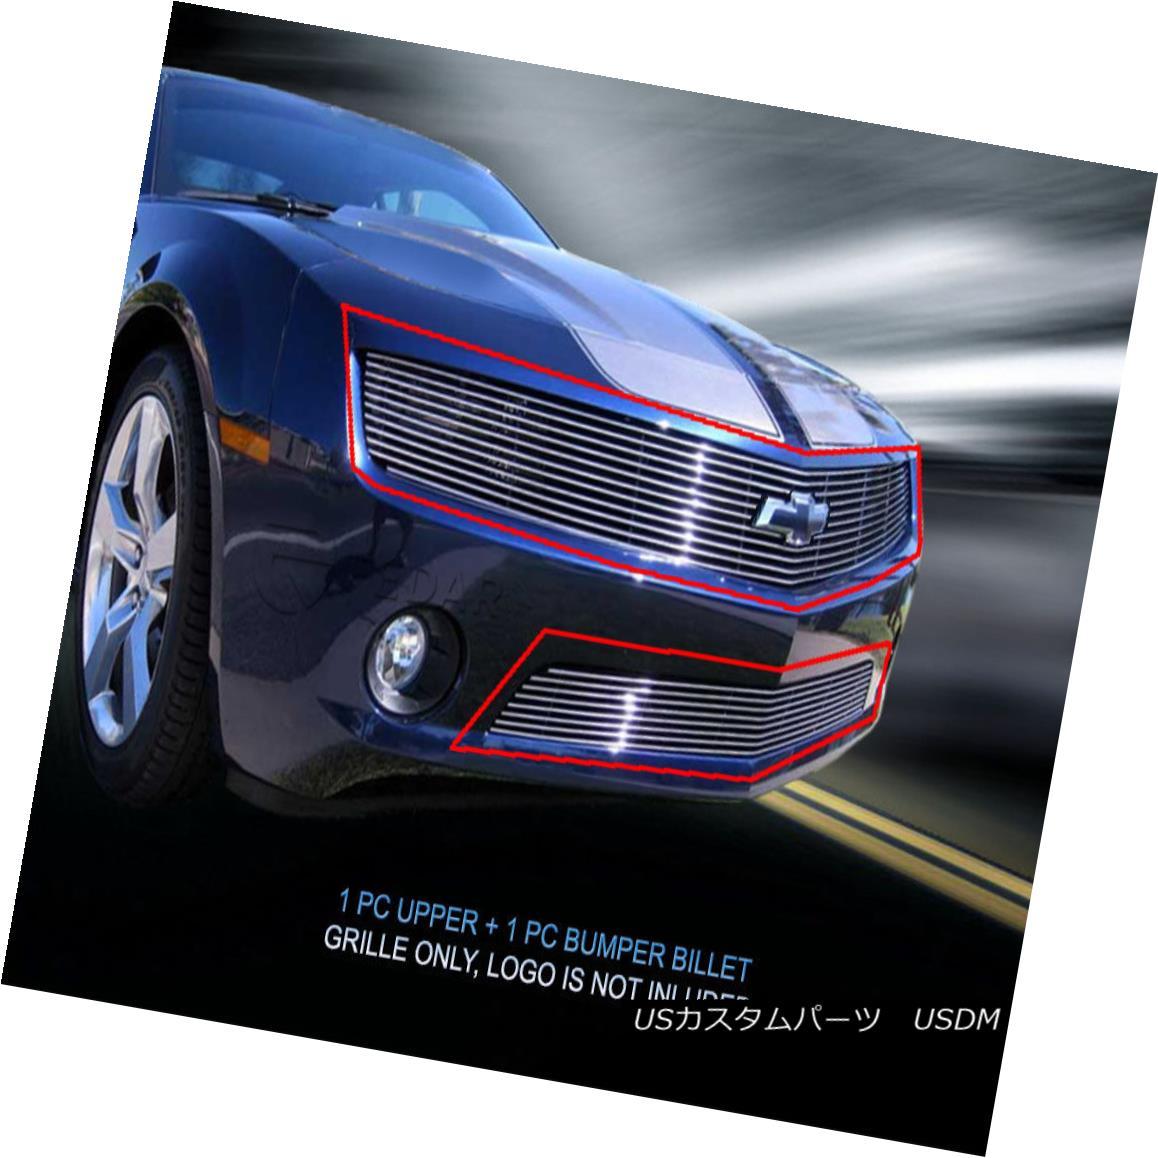 グリル Fedar Fits 2010-2013 Chevy Camaro LT V6/LS V6 Polished Billet Grille Insert Fedarは2010-2013年を適合させるChevy Camaro LT V6 / LS V6ポリッシュビレットグリルインサート